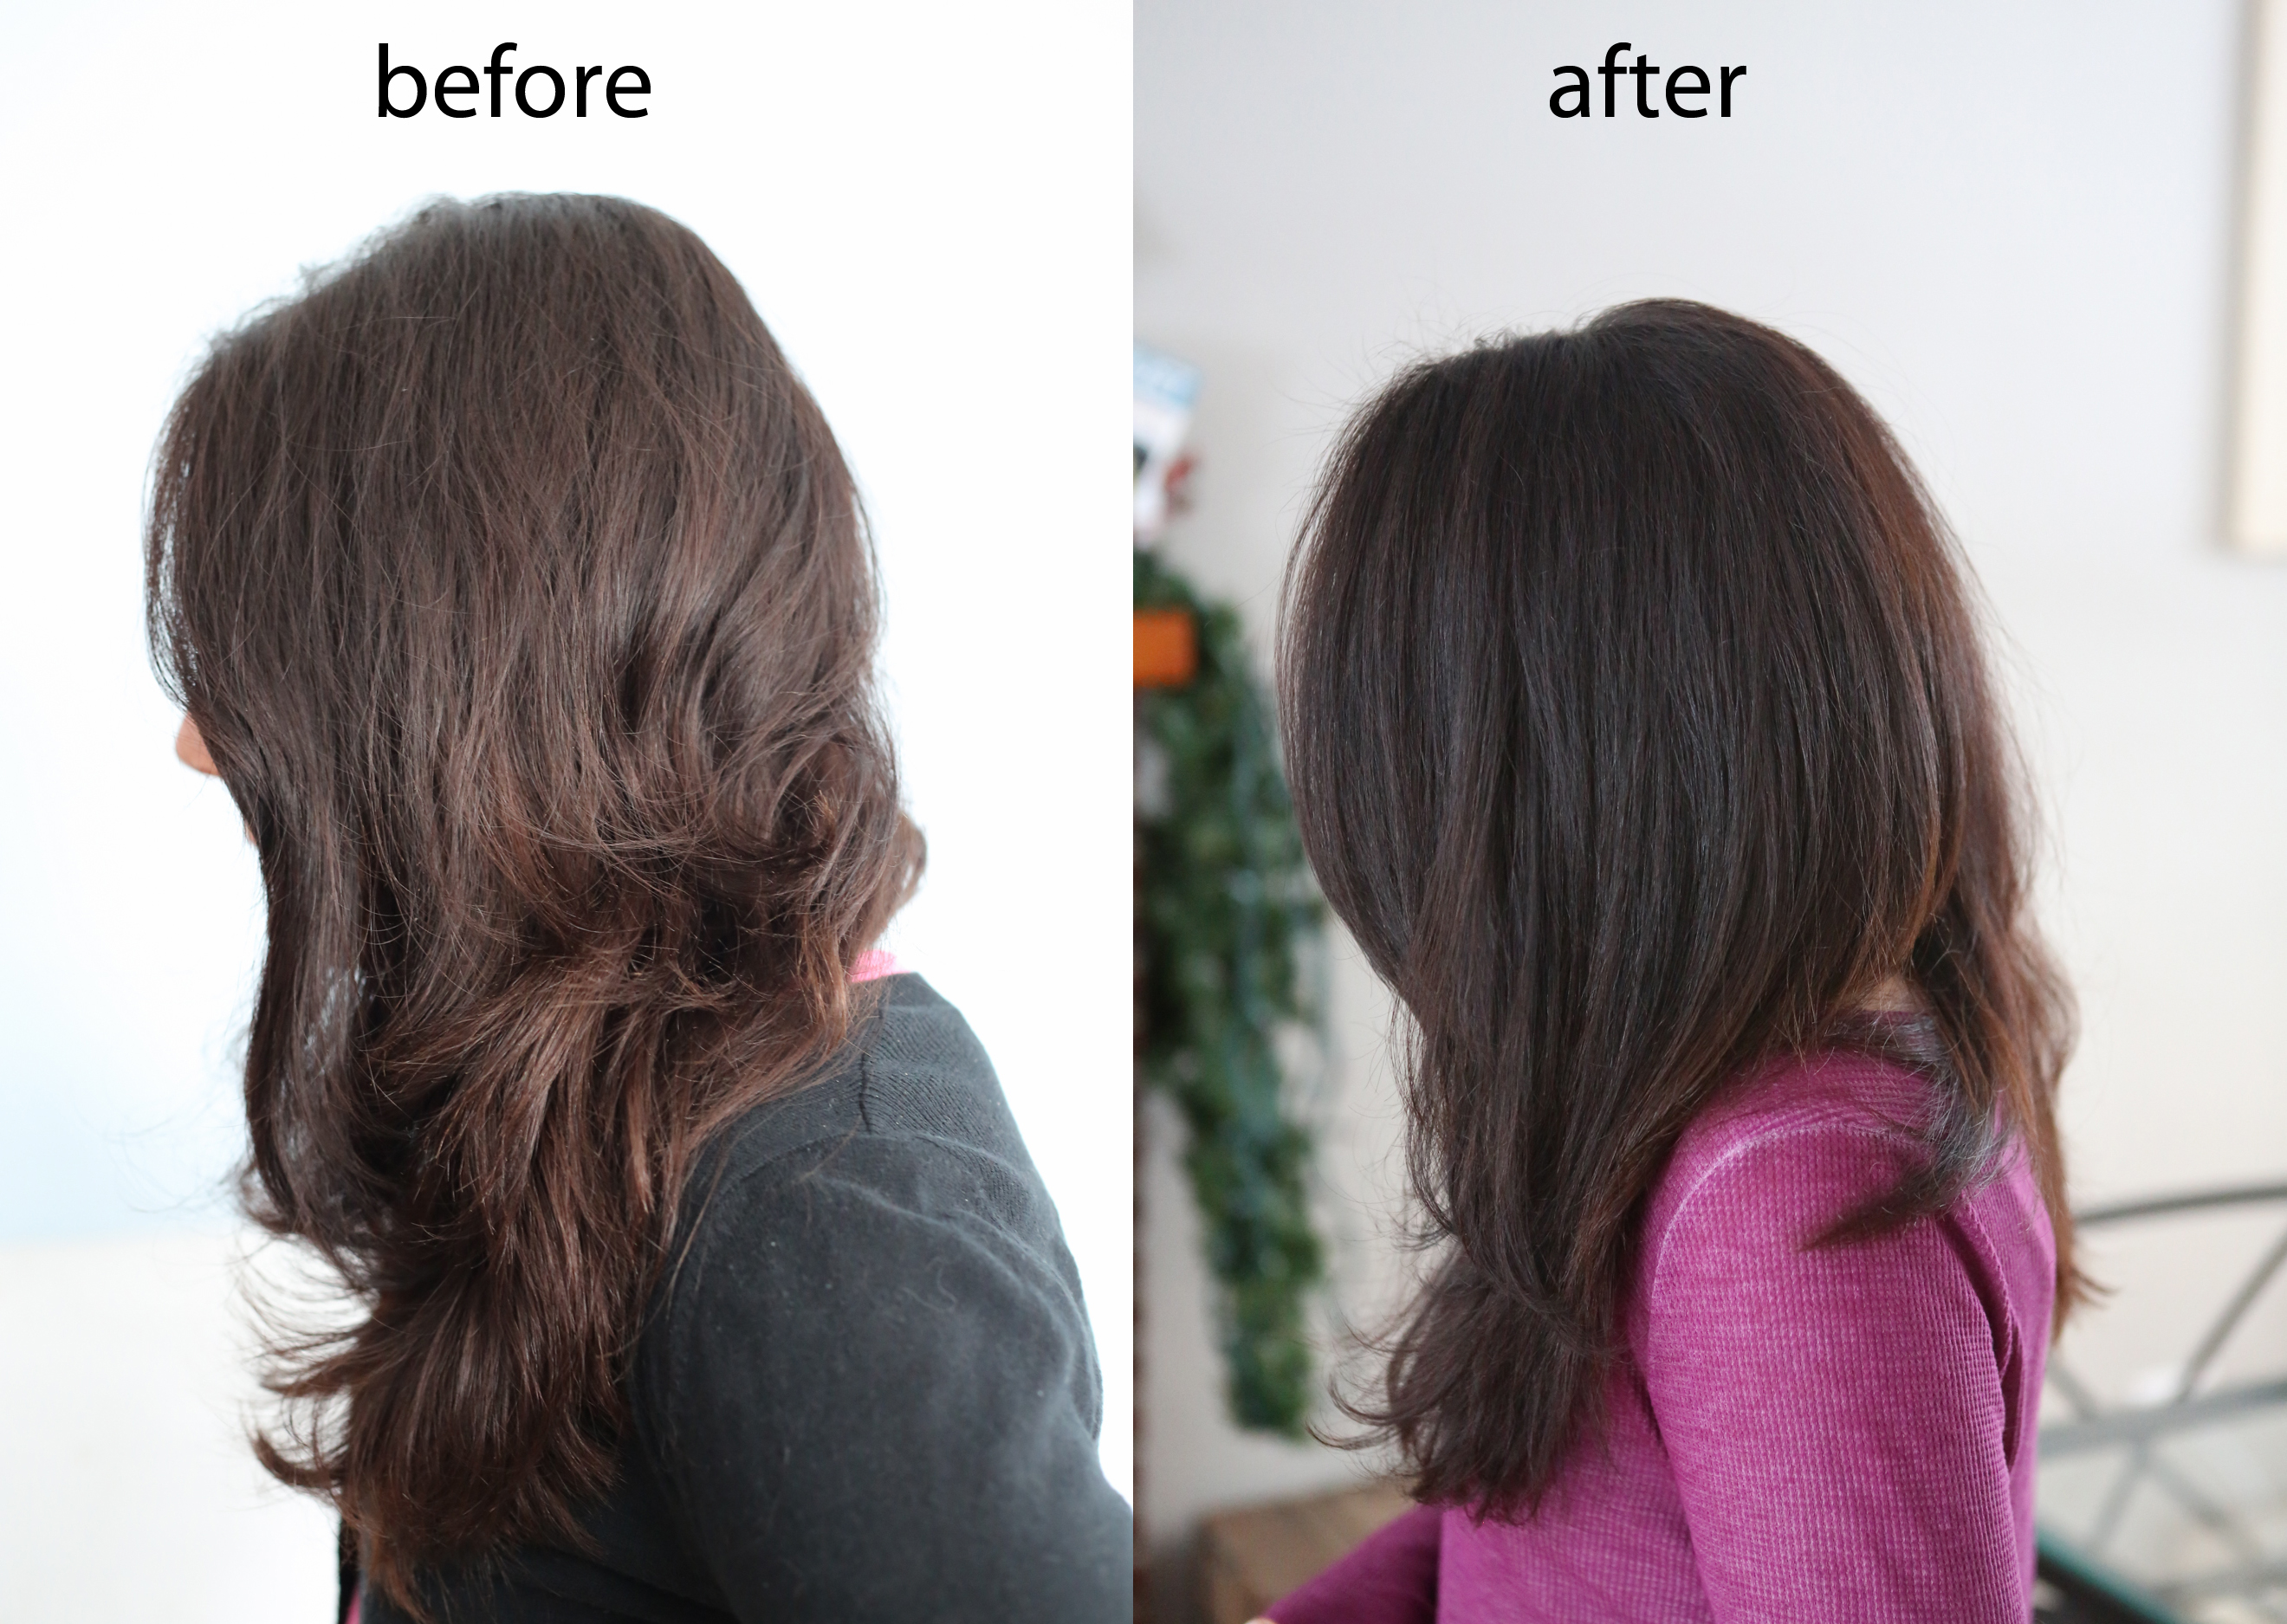 Henna Hair Treatment For Natural Hair